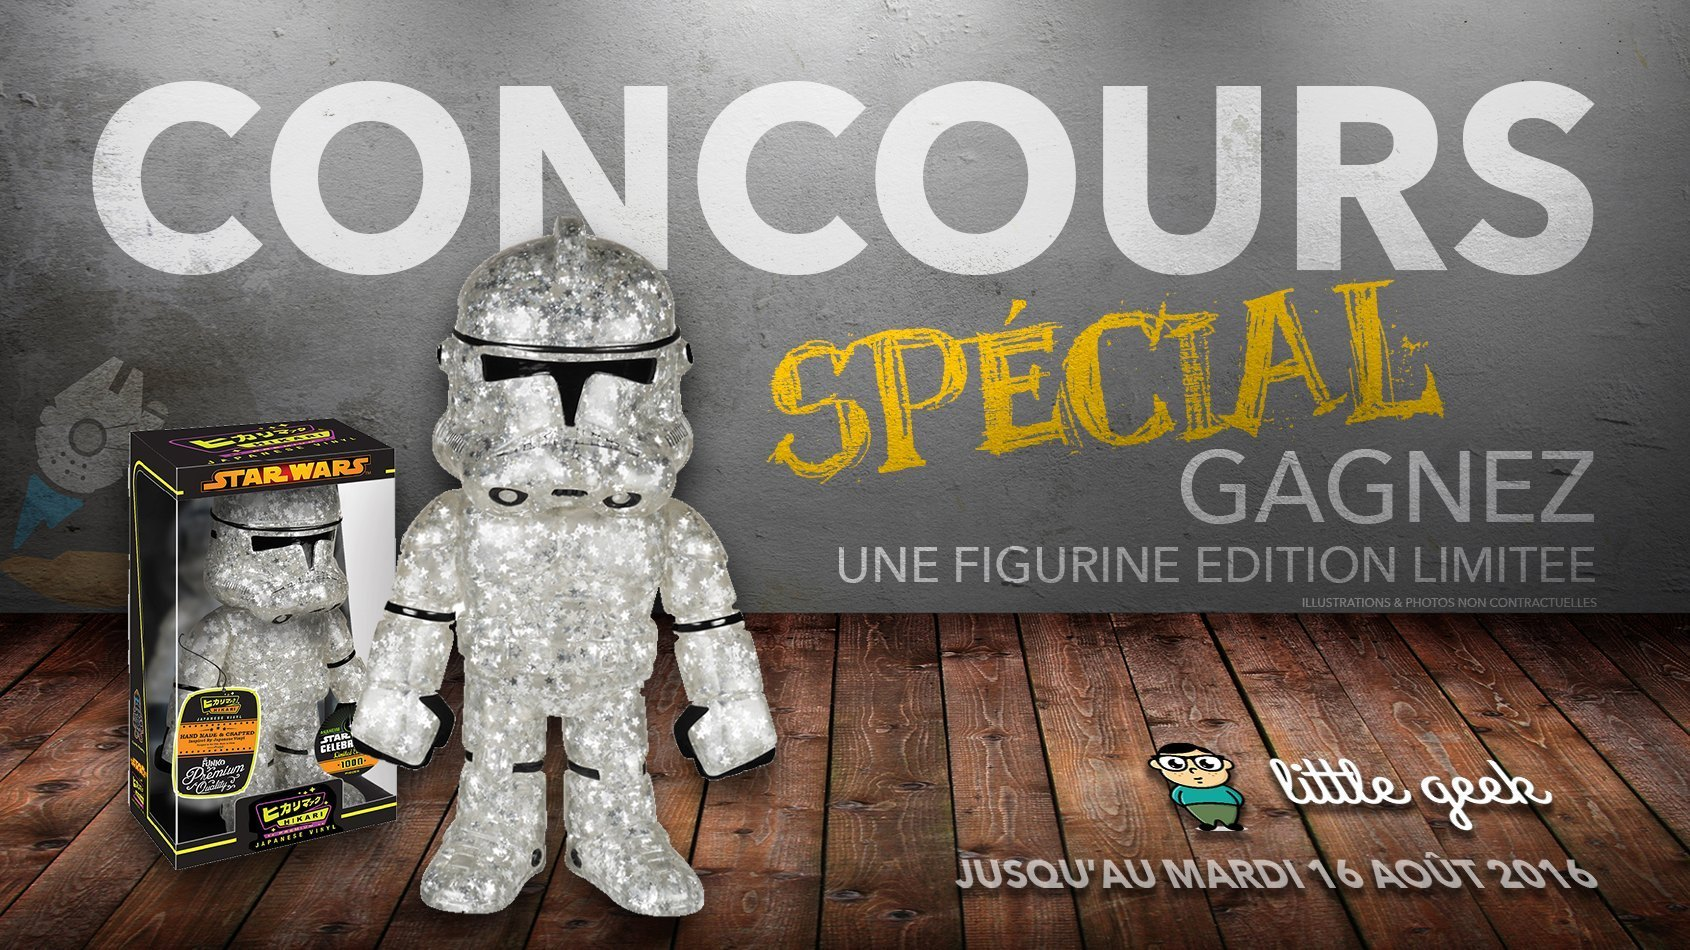 CONCOURS SPECIAL - Gagnez une figurine Funko en édition limitée